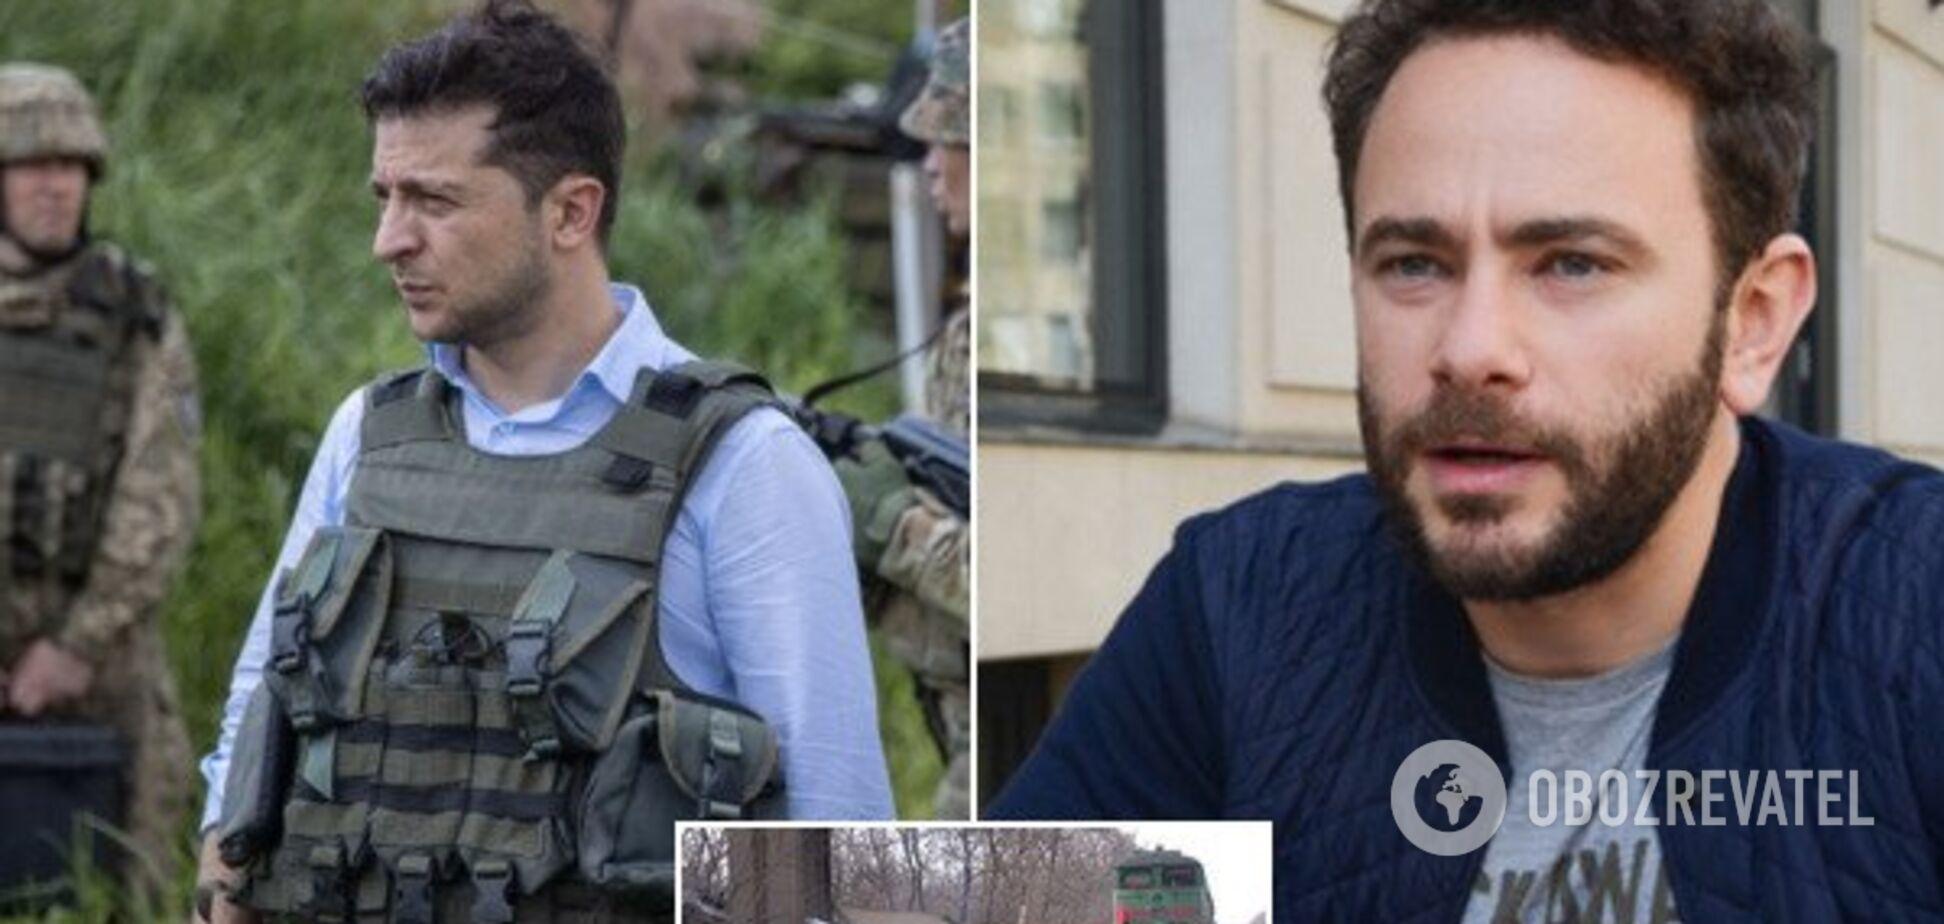 'Они не убивали наших солдат': у Зеленского предложили снять блокаду Донбасса